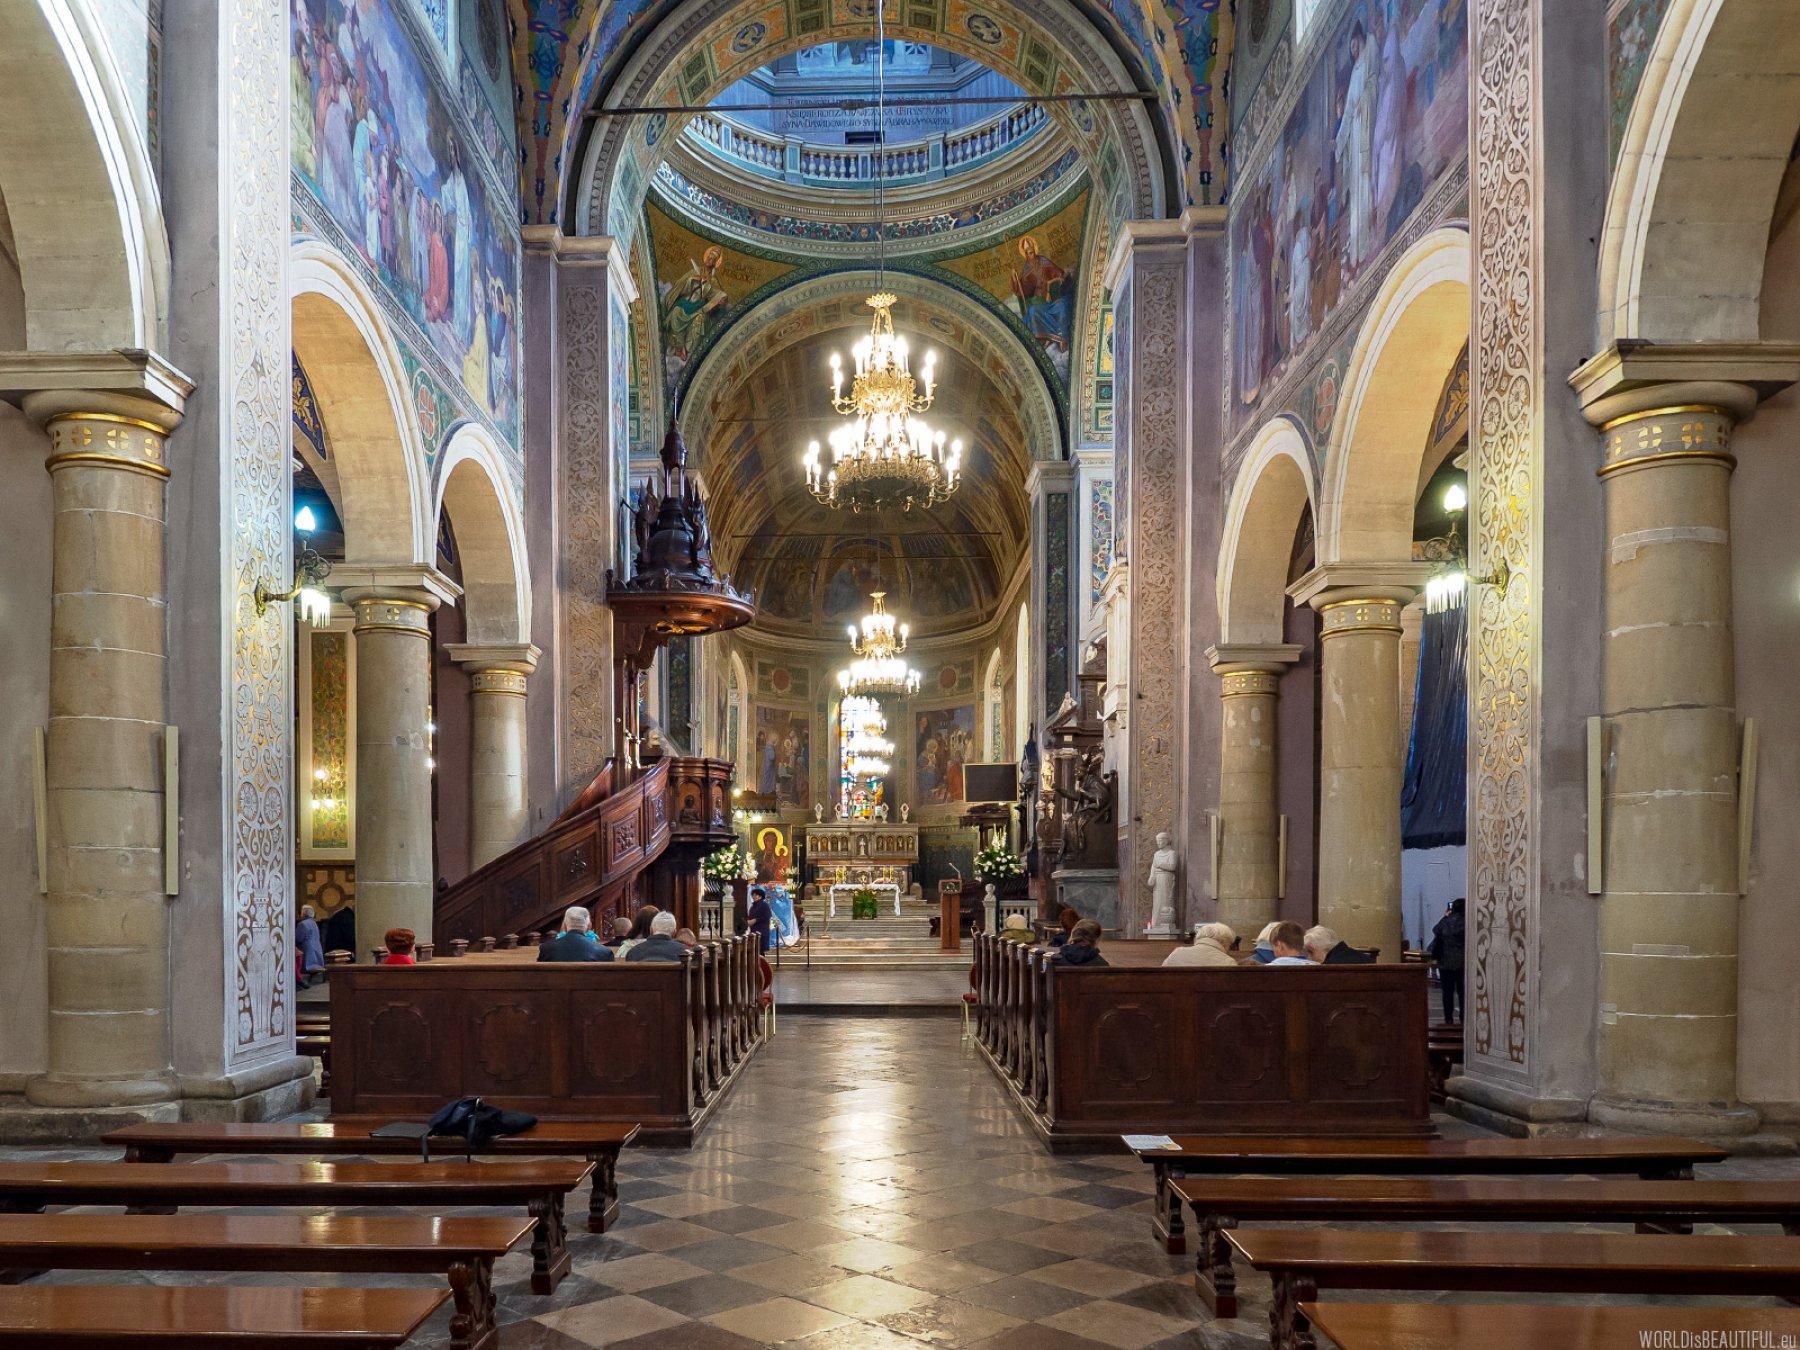 Interior of the Basilica in Płock